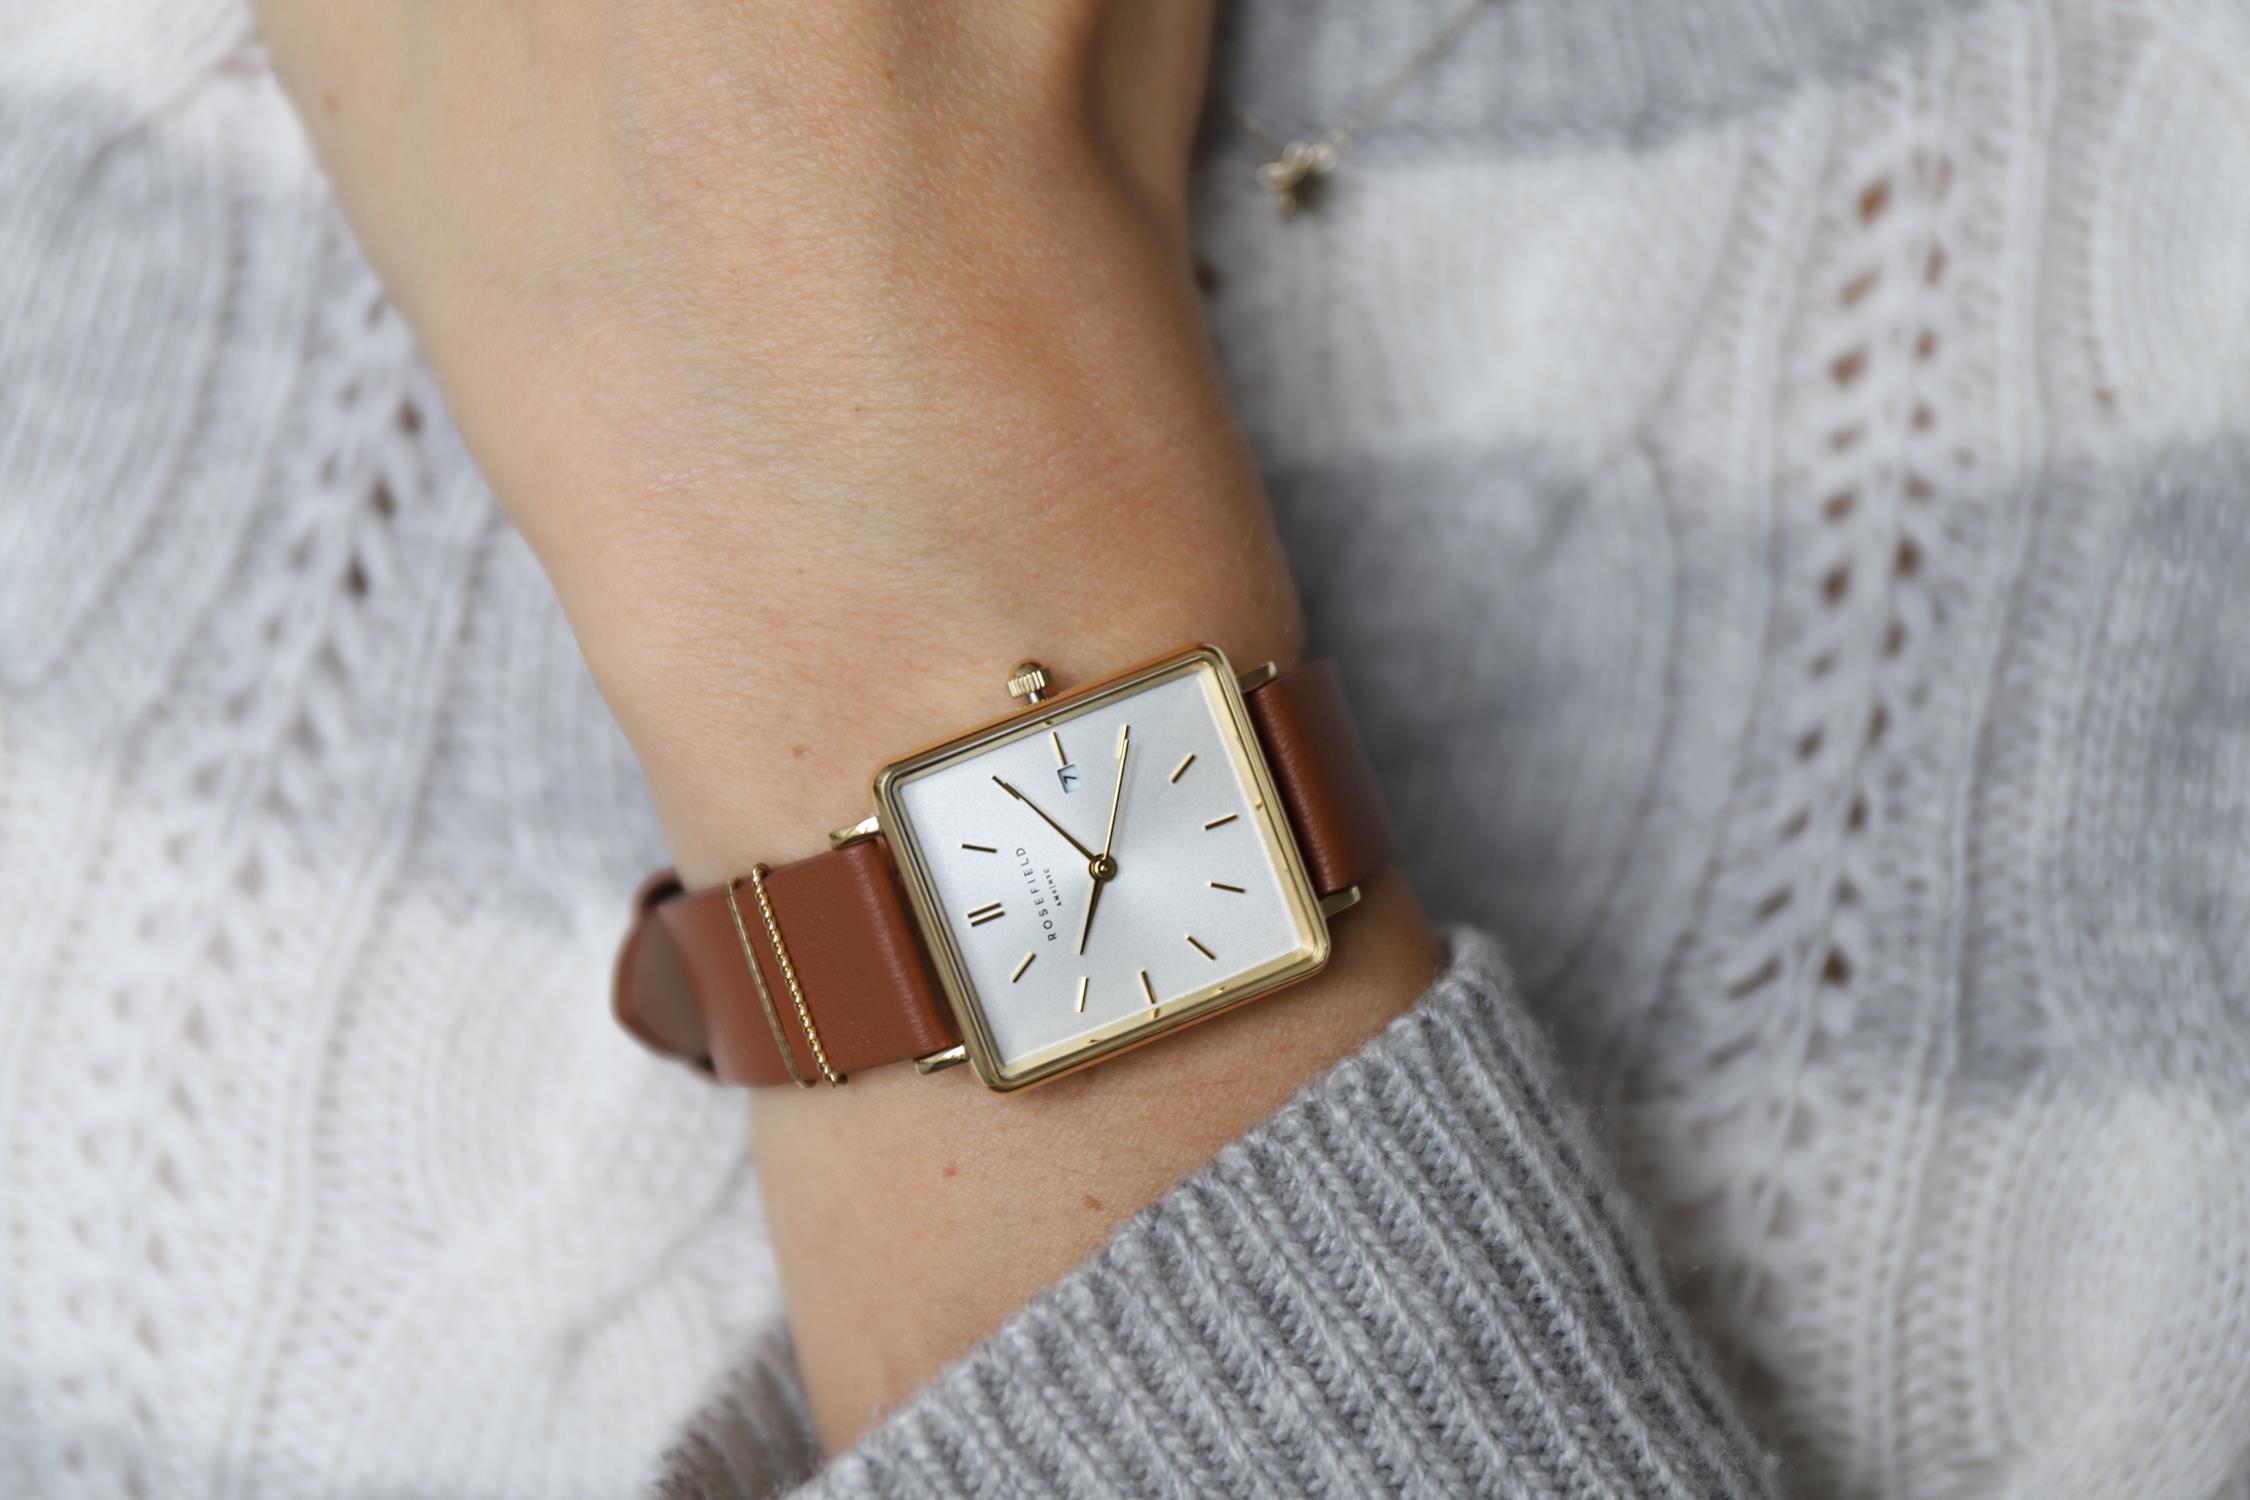 Rosefield QSCG-Q029 Boxy Boxy zegarek damski fashion/modowy mineralne